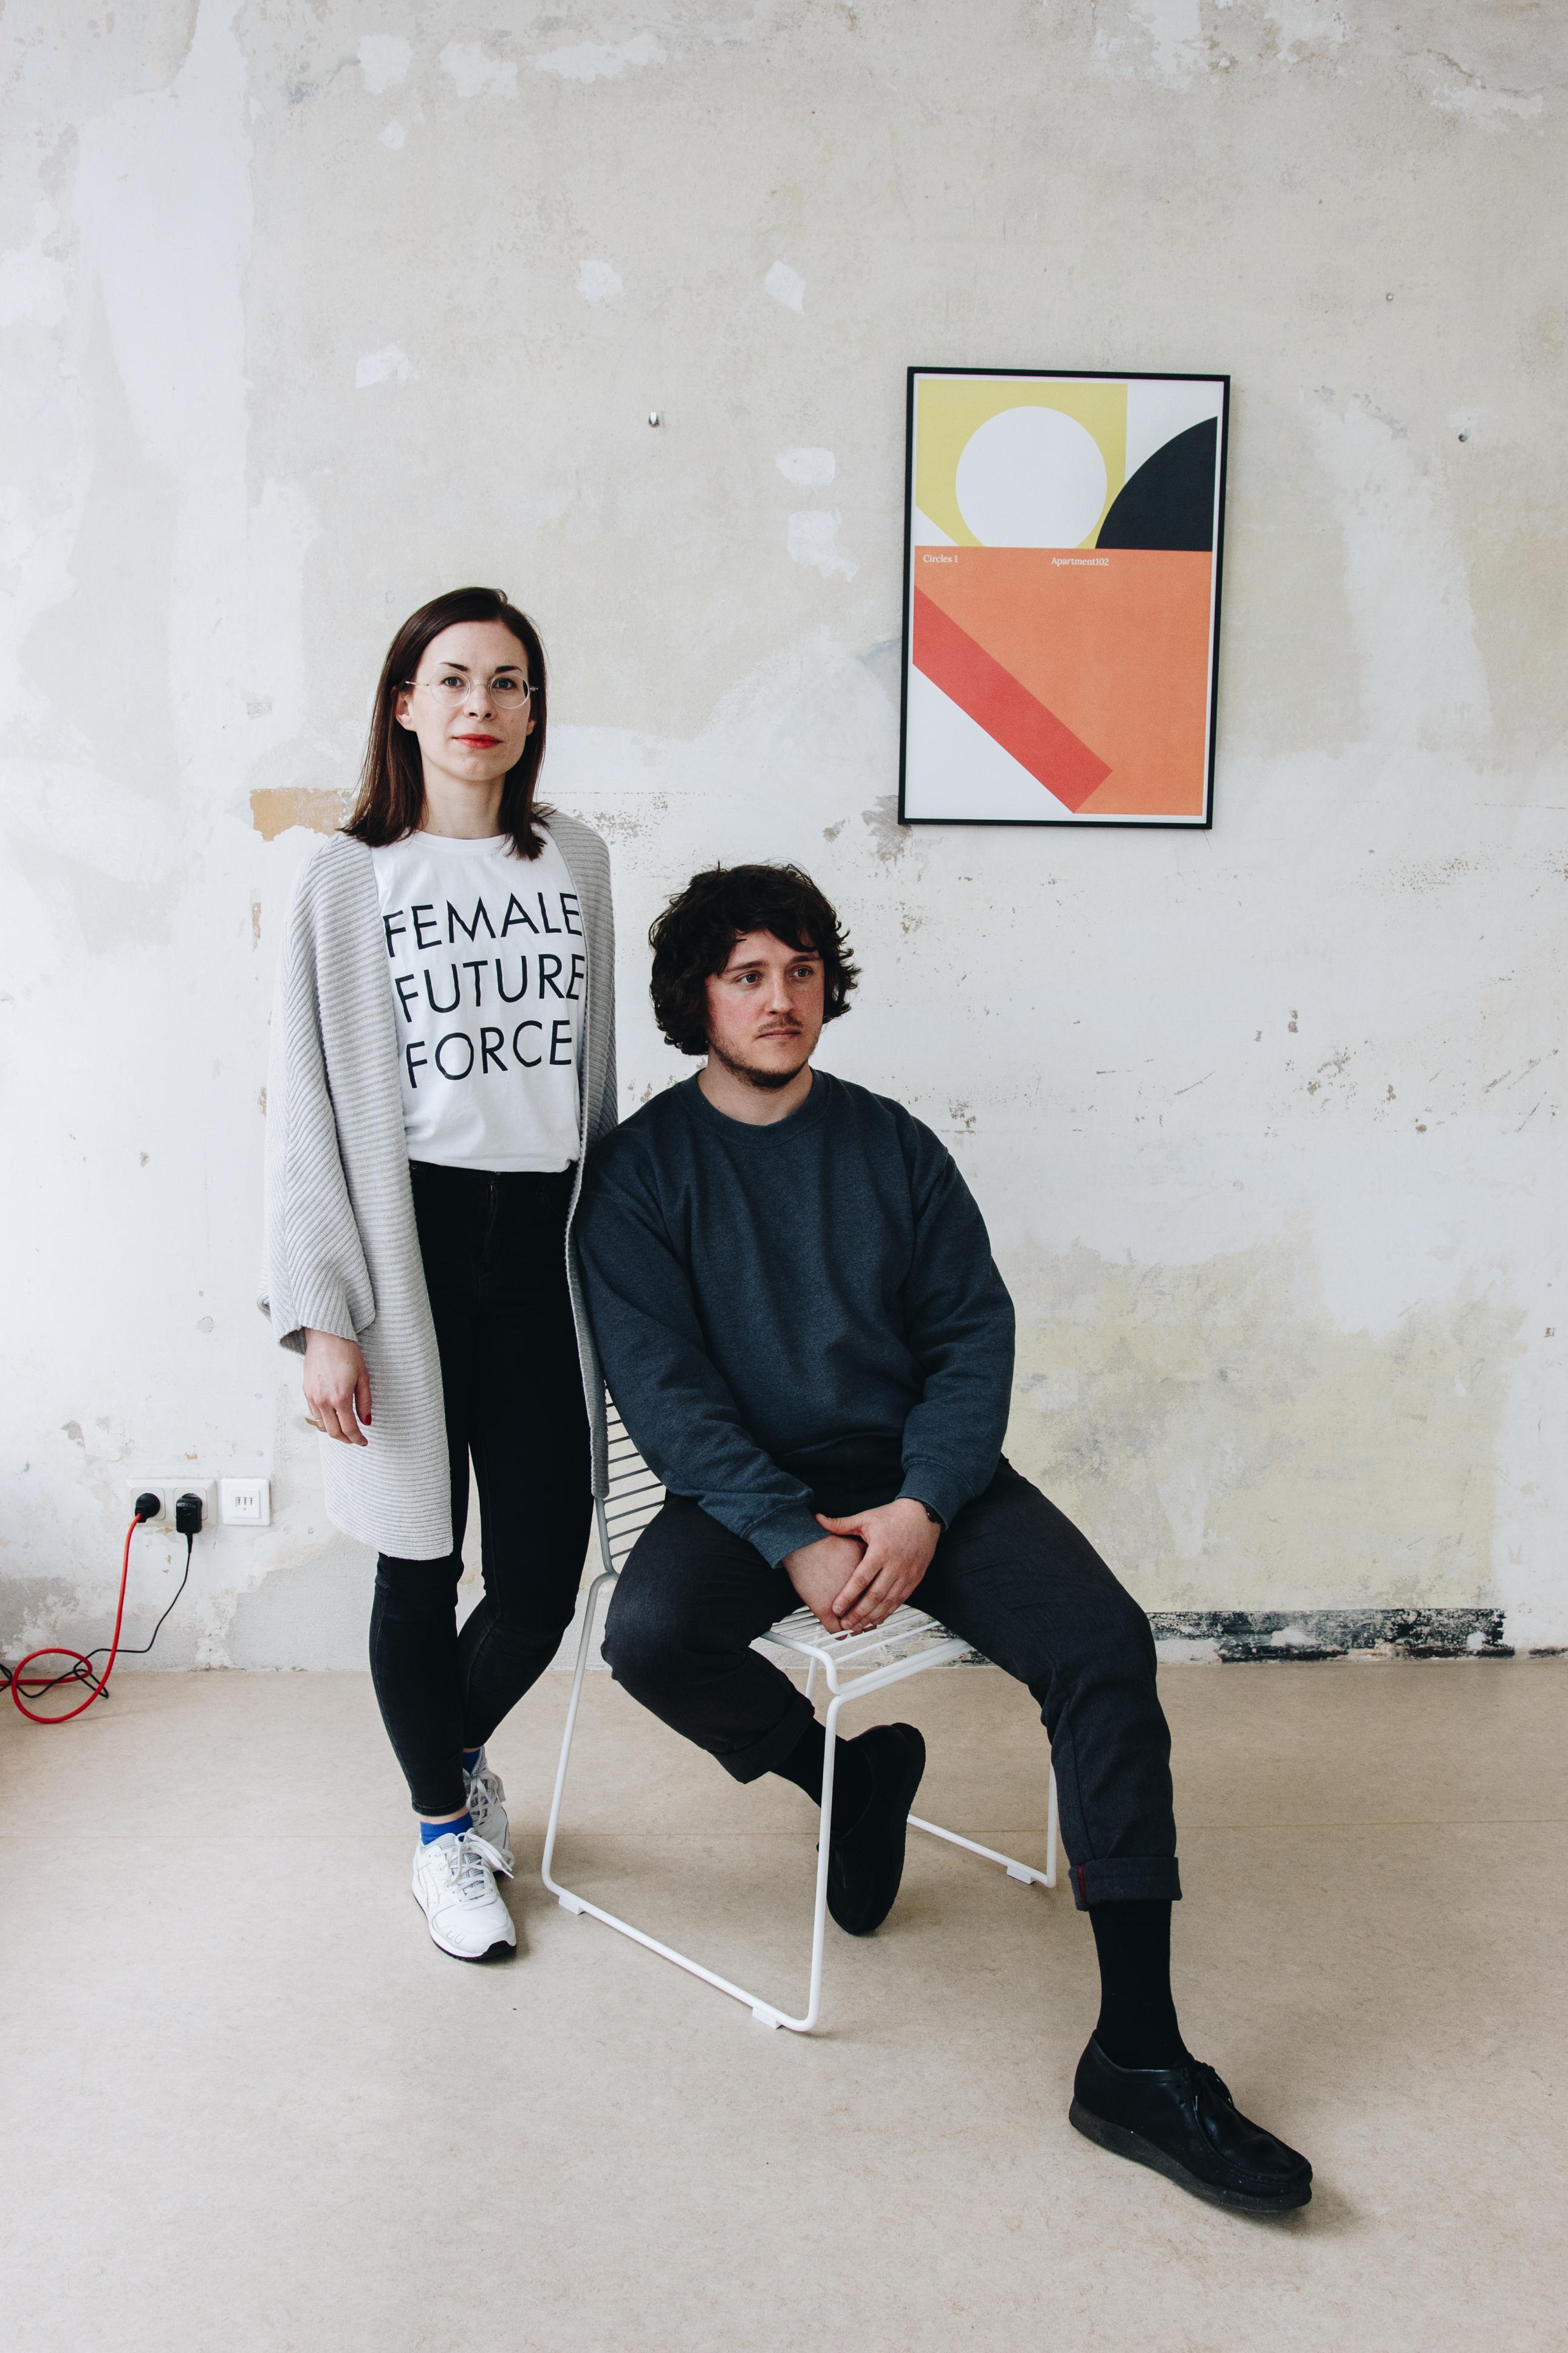 apartment102-annabelle sagt-mindt design studio-yoga-pierre von helden-leipzig20